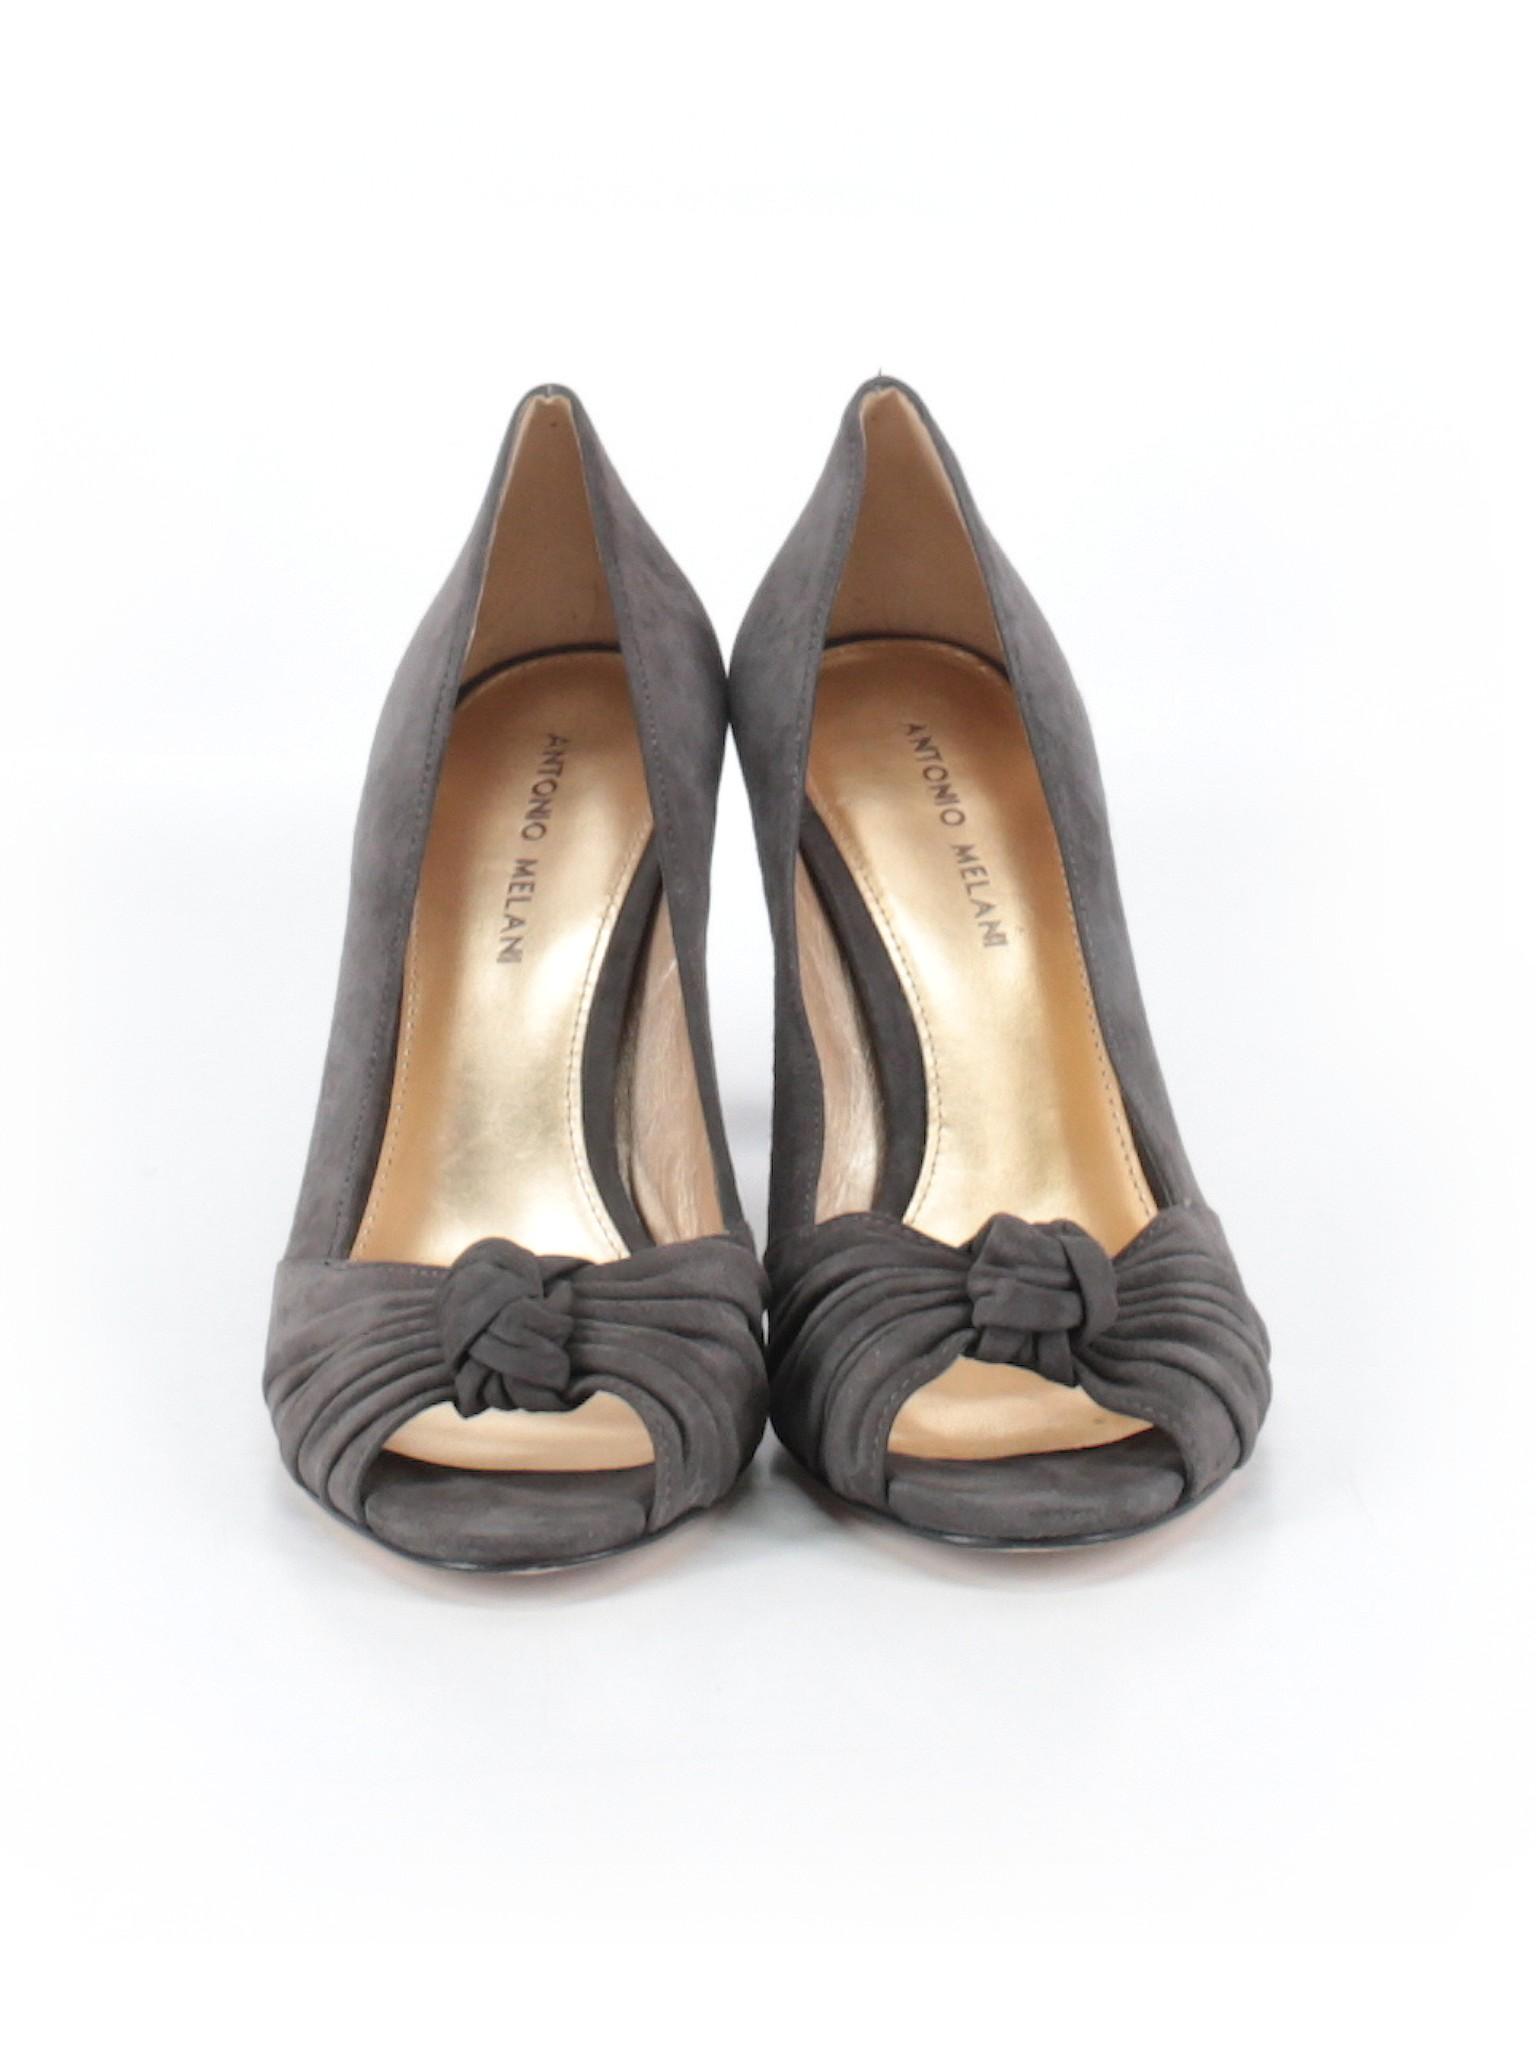 promotion Boutique Heels promotion Heels Boutique Antonio Boutique promotion Melani Antonio Melani 6n6H7Bq